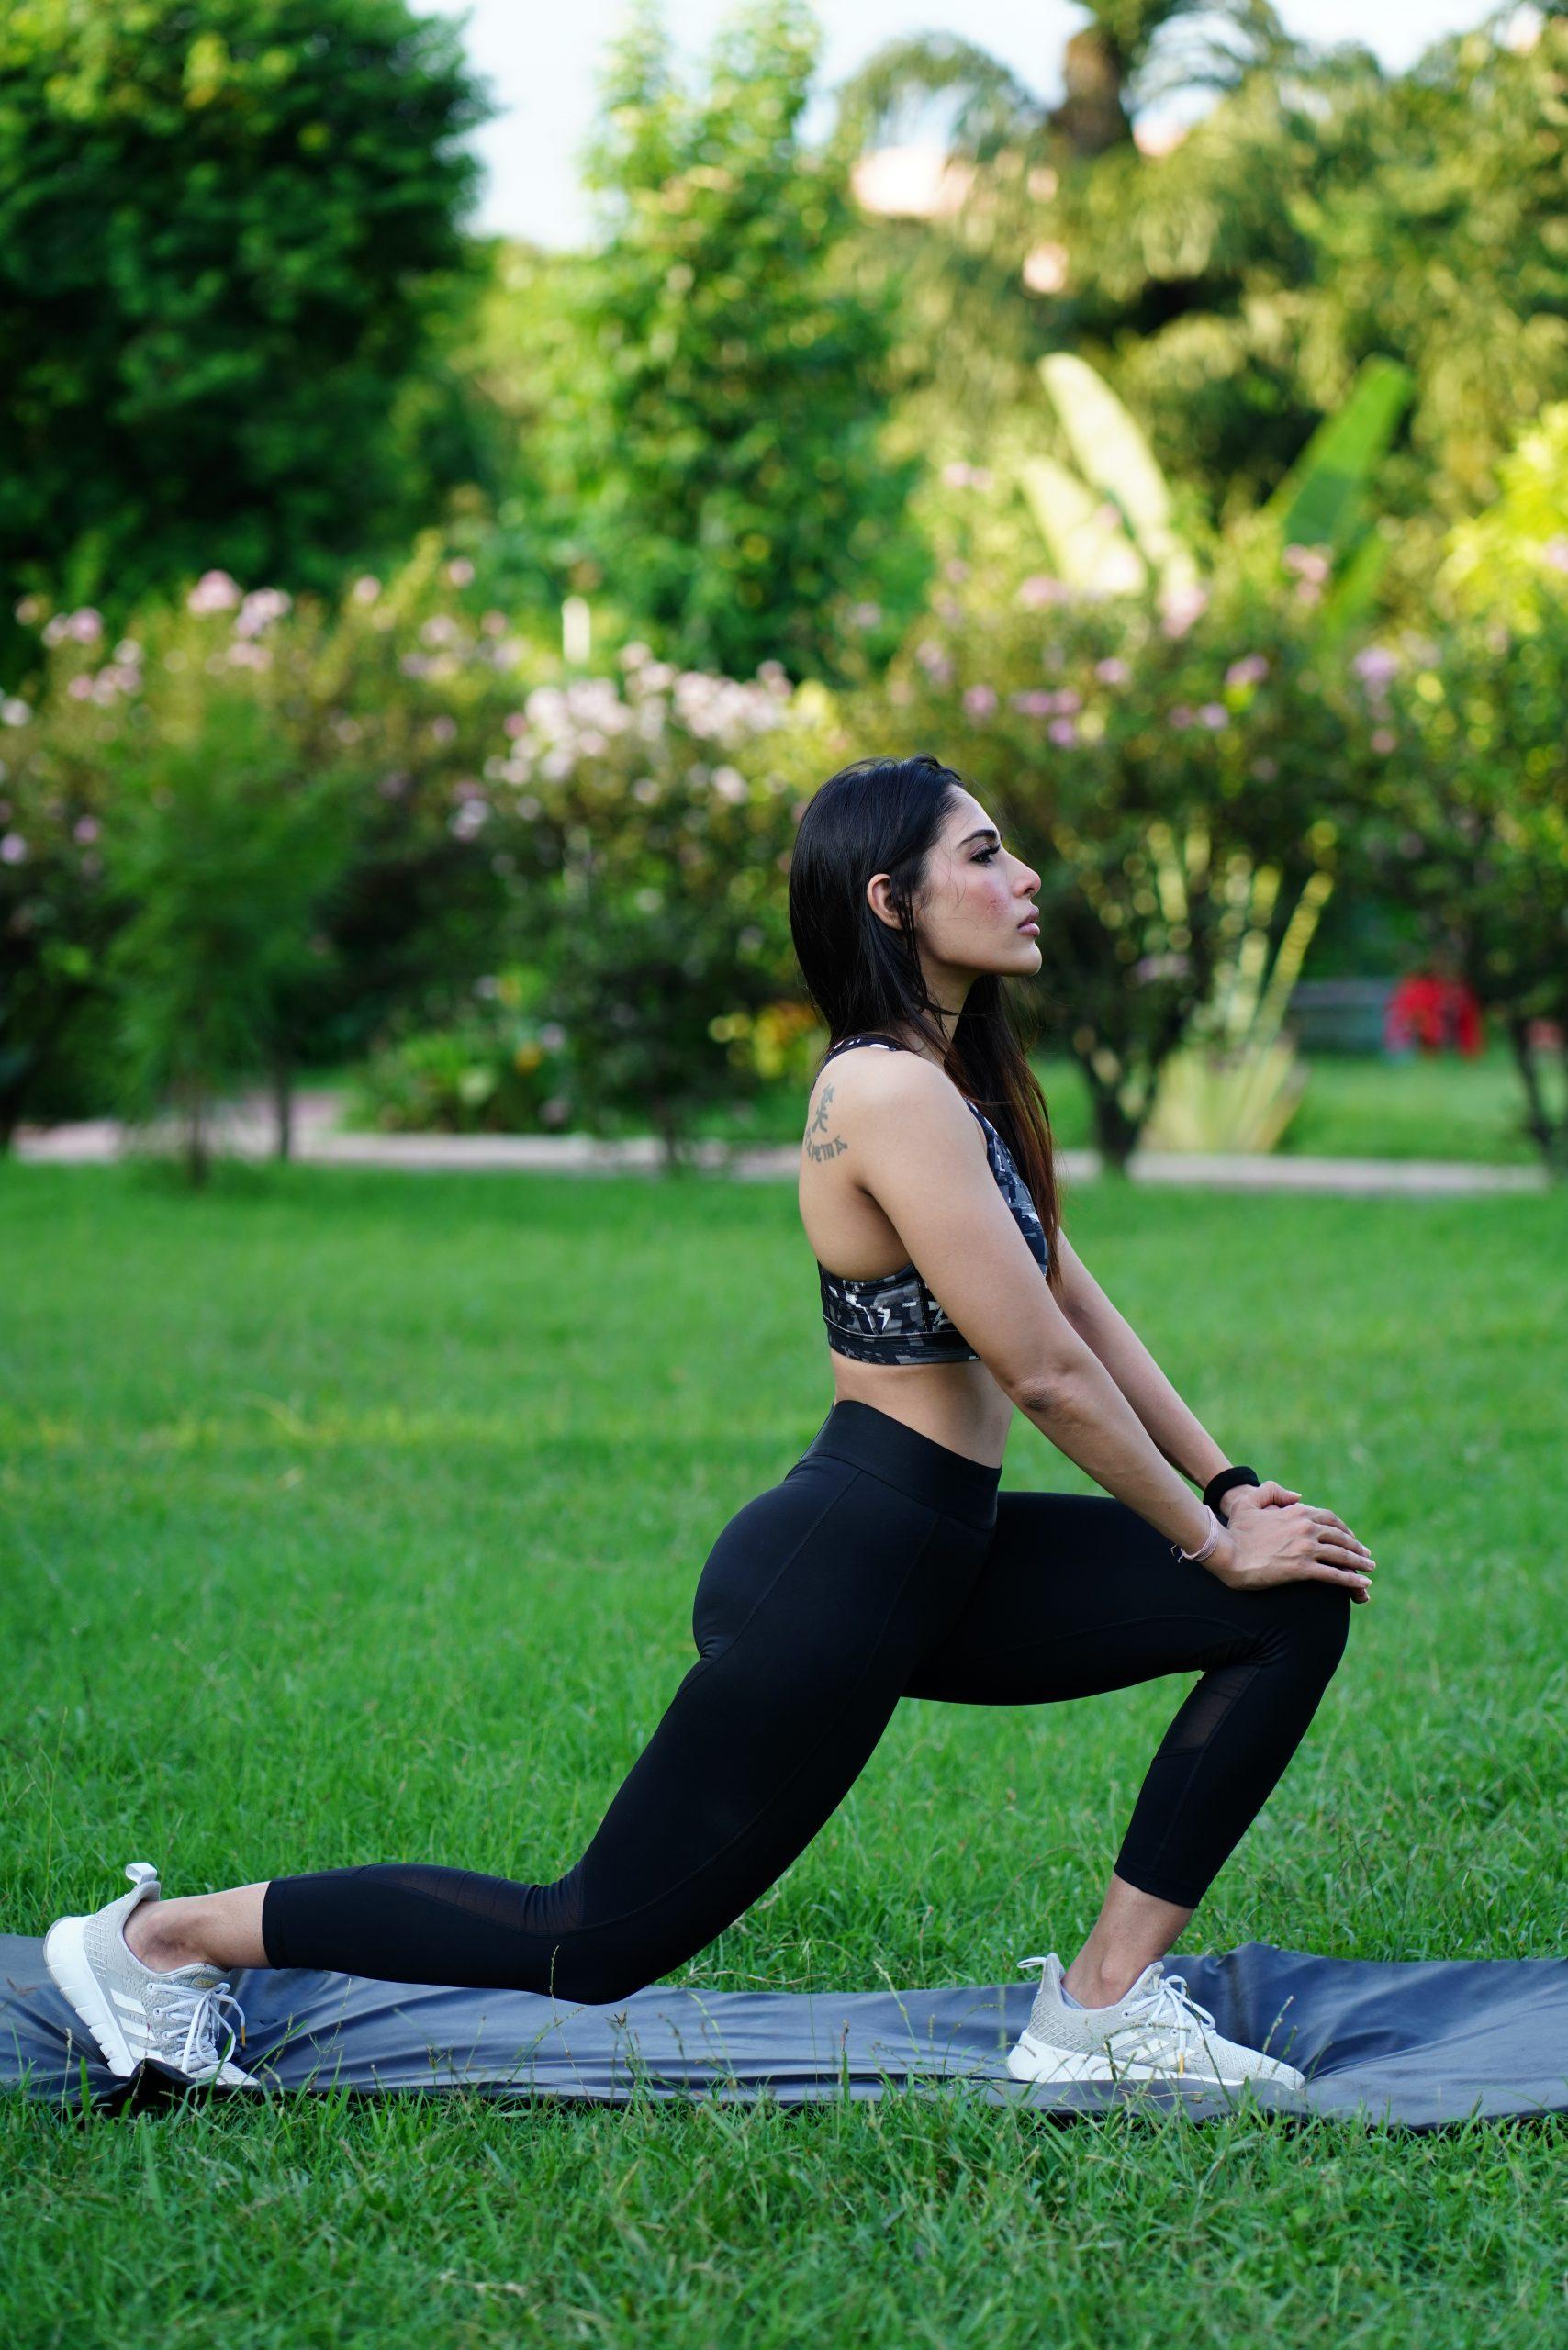 Girl Yoga Outdoor